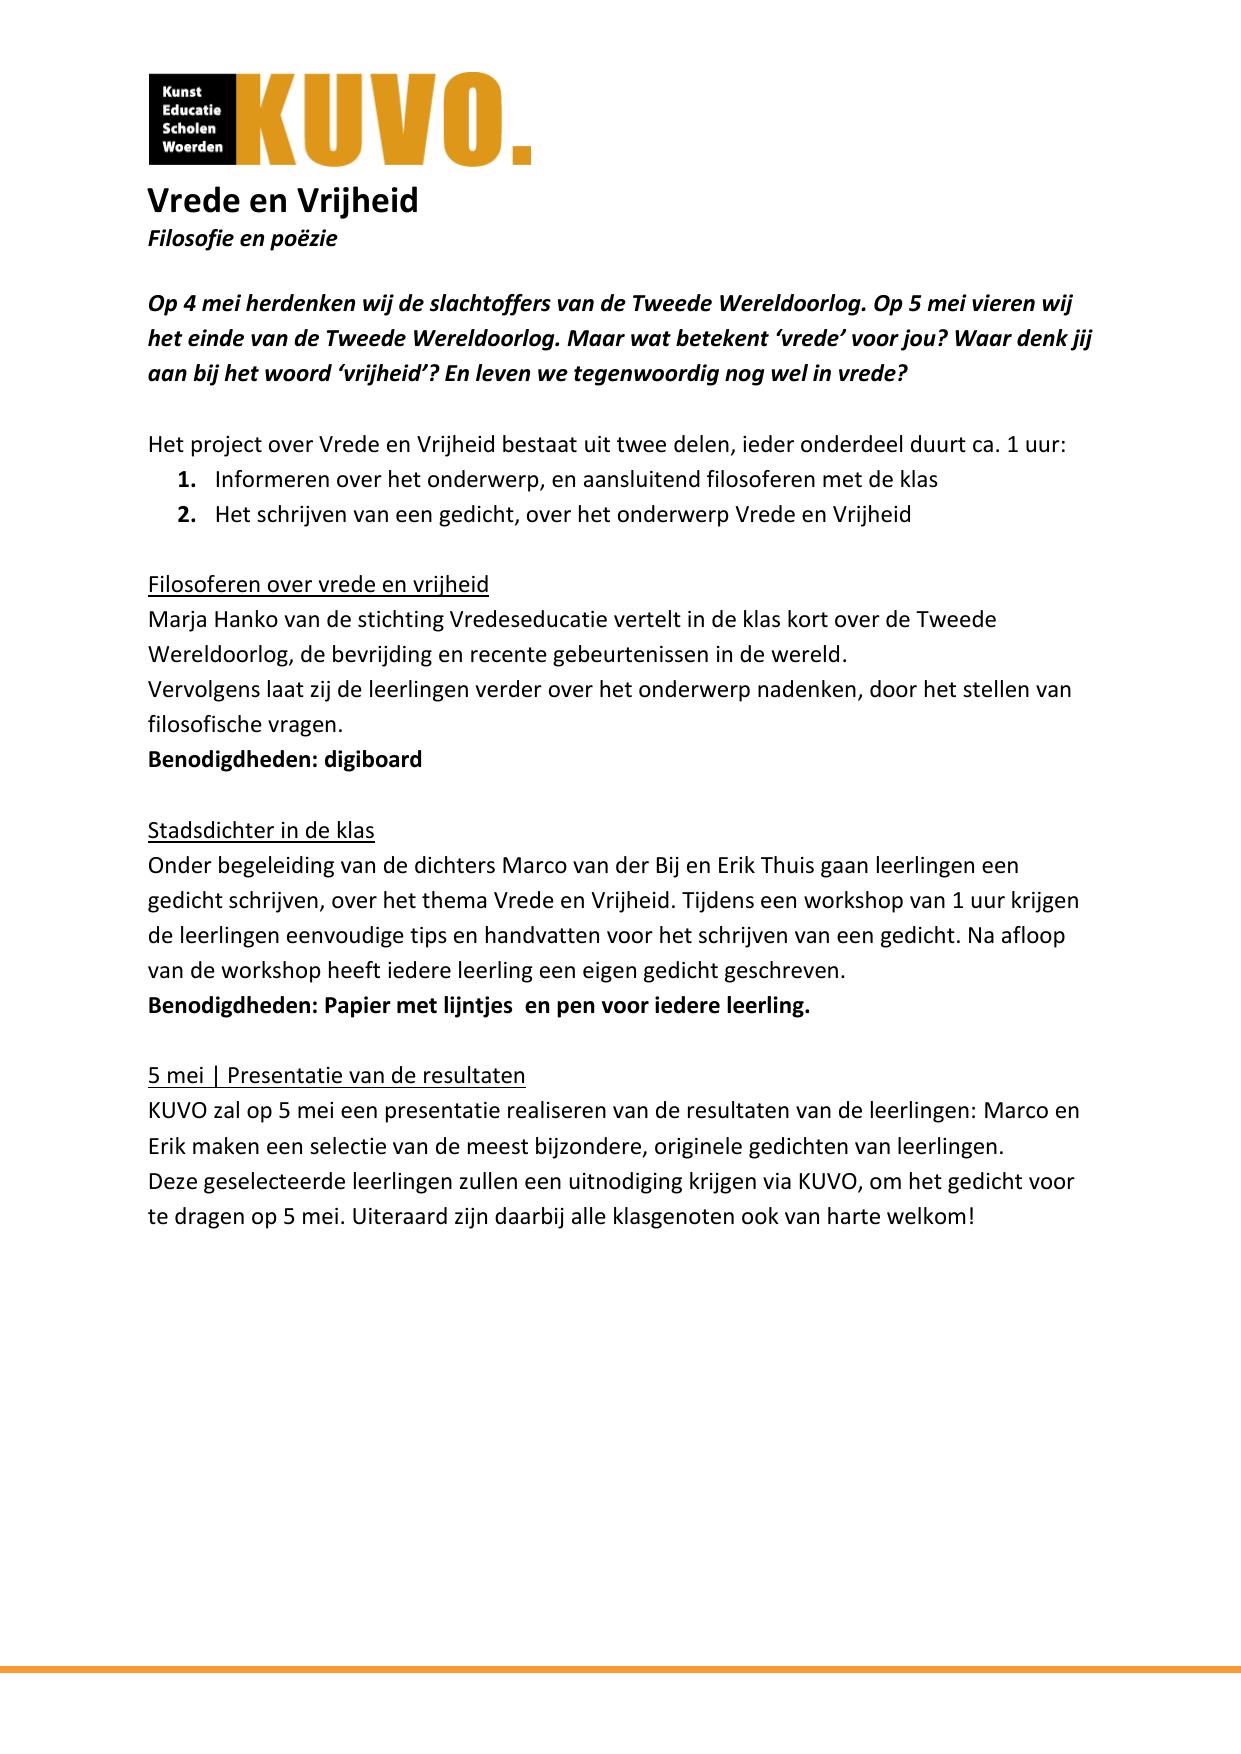 Fonkelnieuw Vrede en Vrijheid informatiebrief KL-11